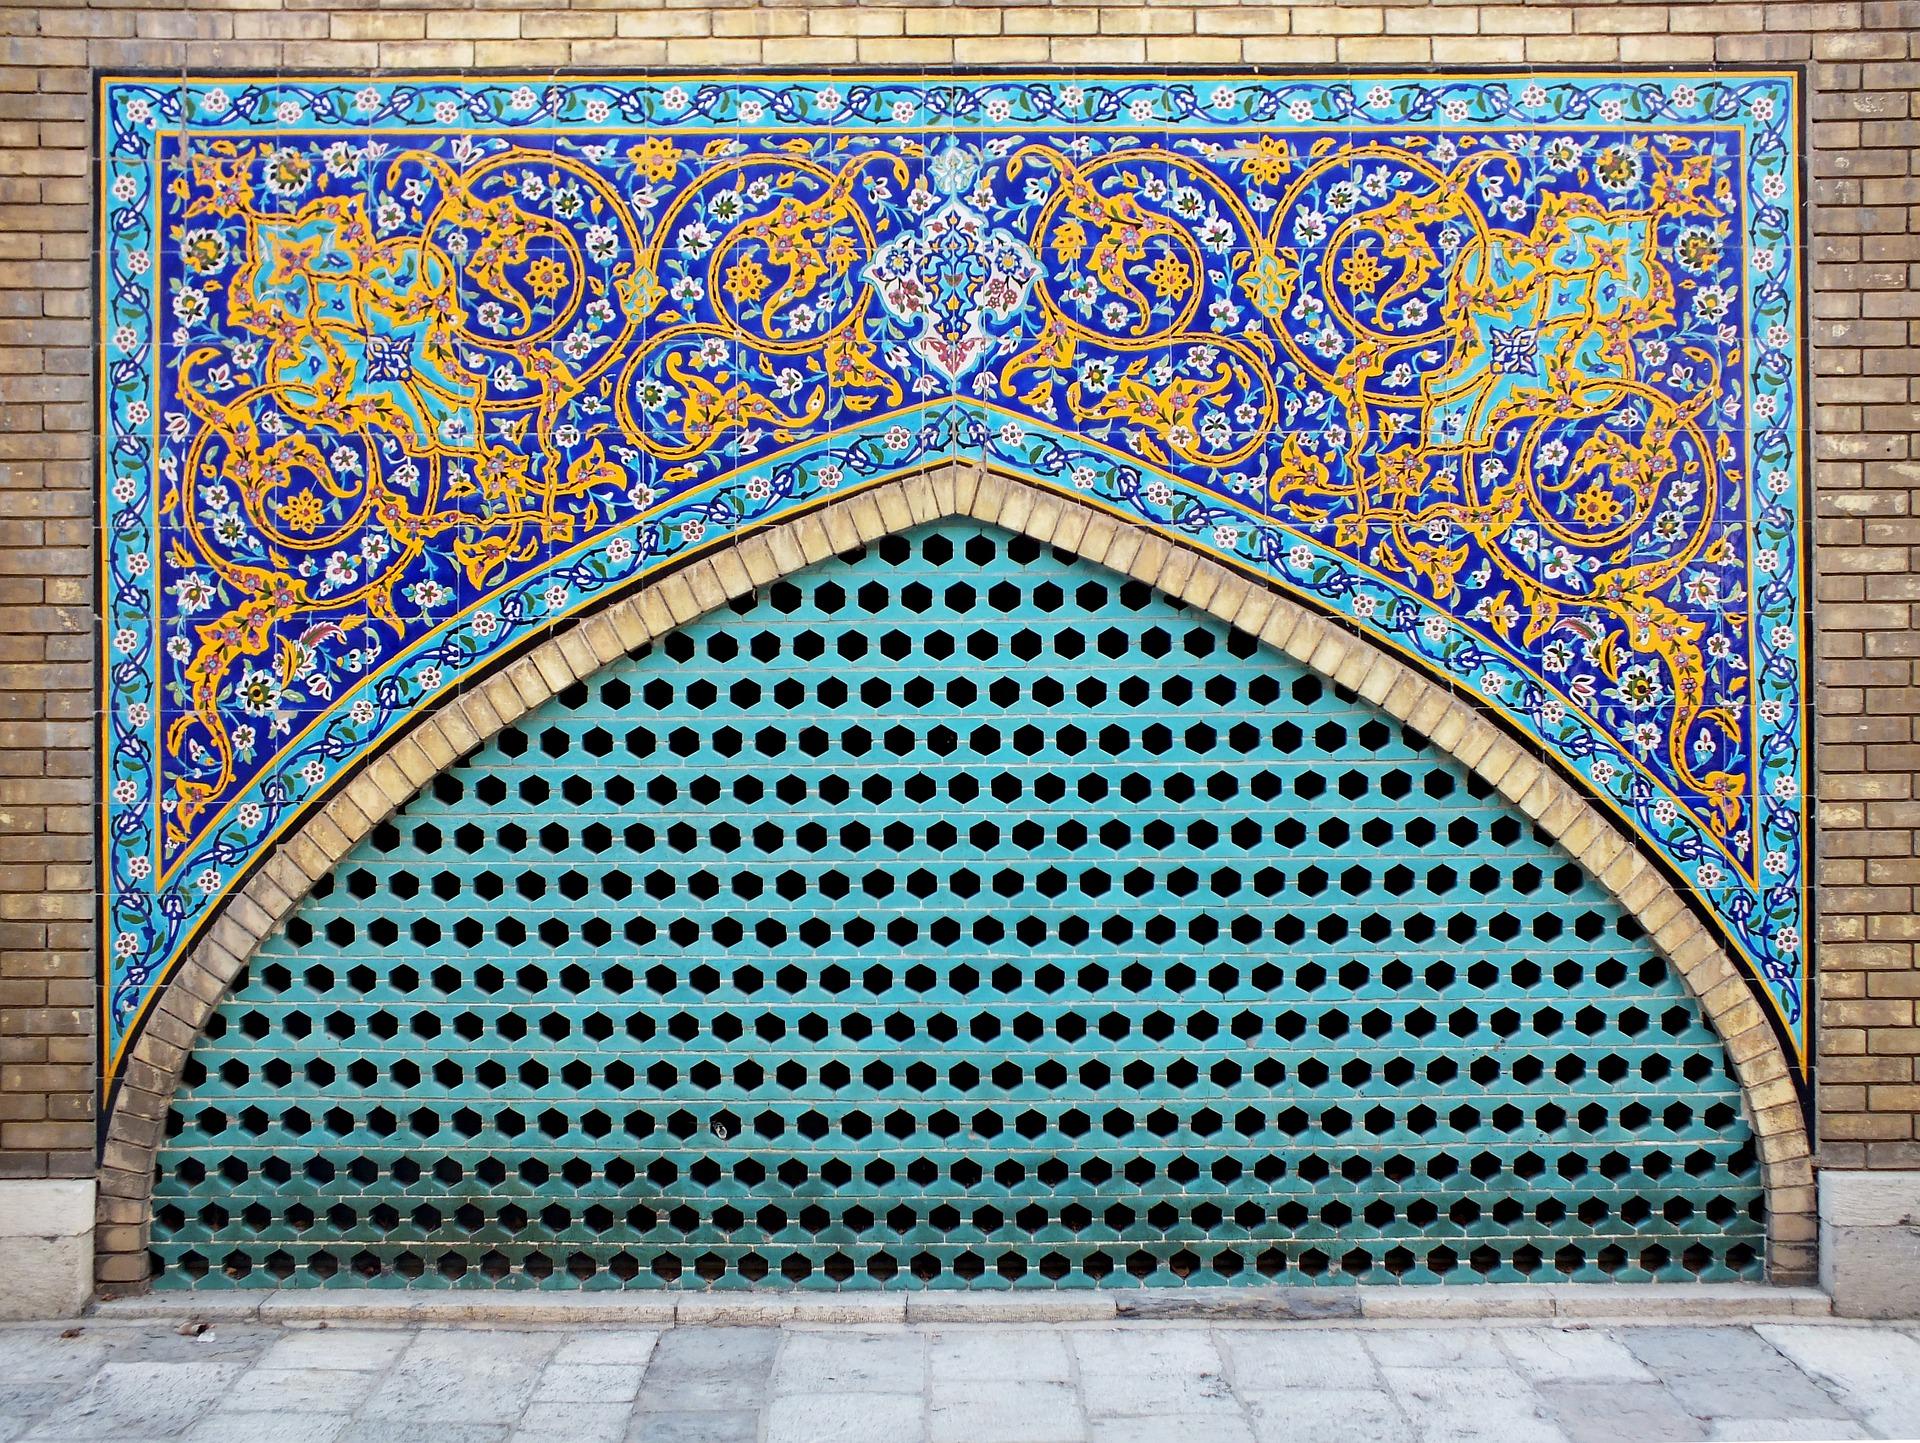 Vortrag am 30.01.2020: Al-Ghazālī in der Salafiyya. Zur Rezeption von Ihyā' ʻulūm ad-Dīn in der sunnitischen Moderne – Dr. Stephan Kokew (Münster)